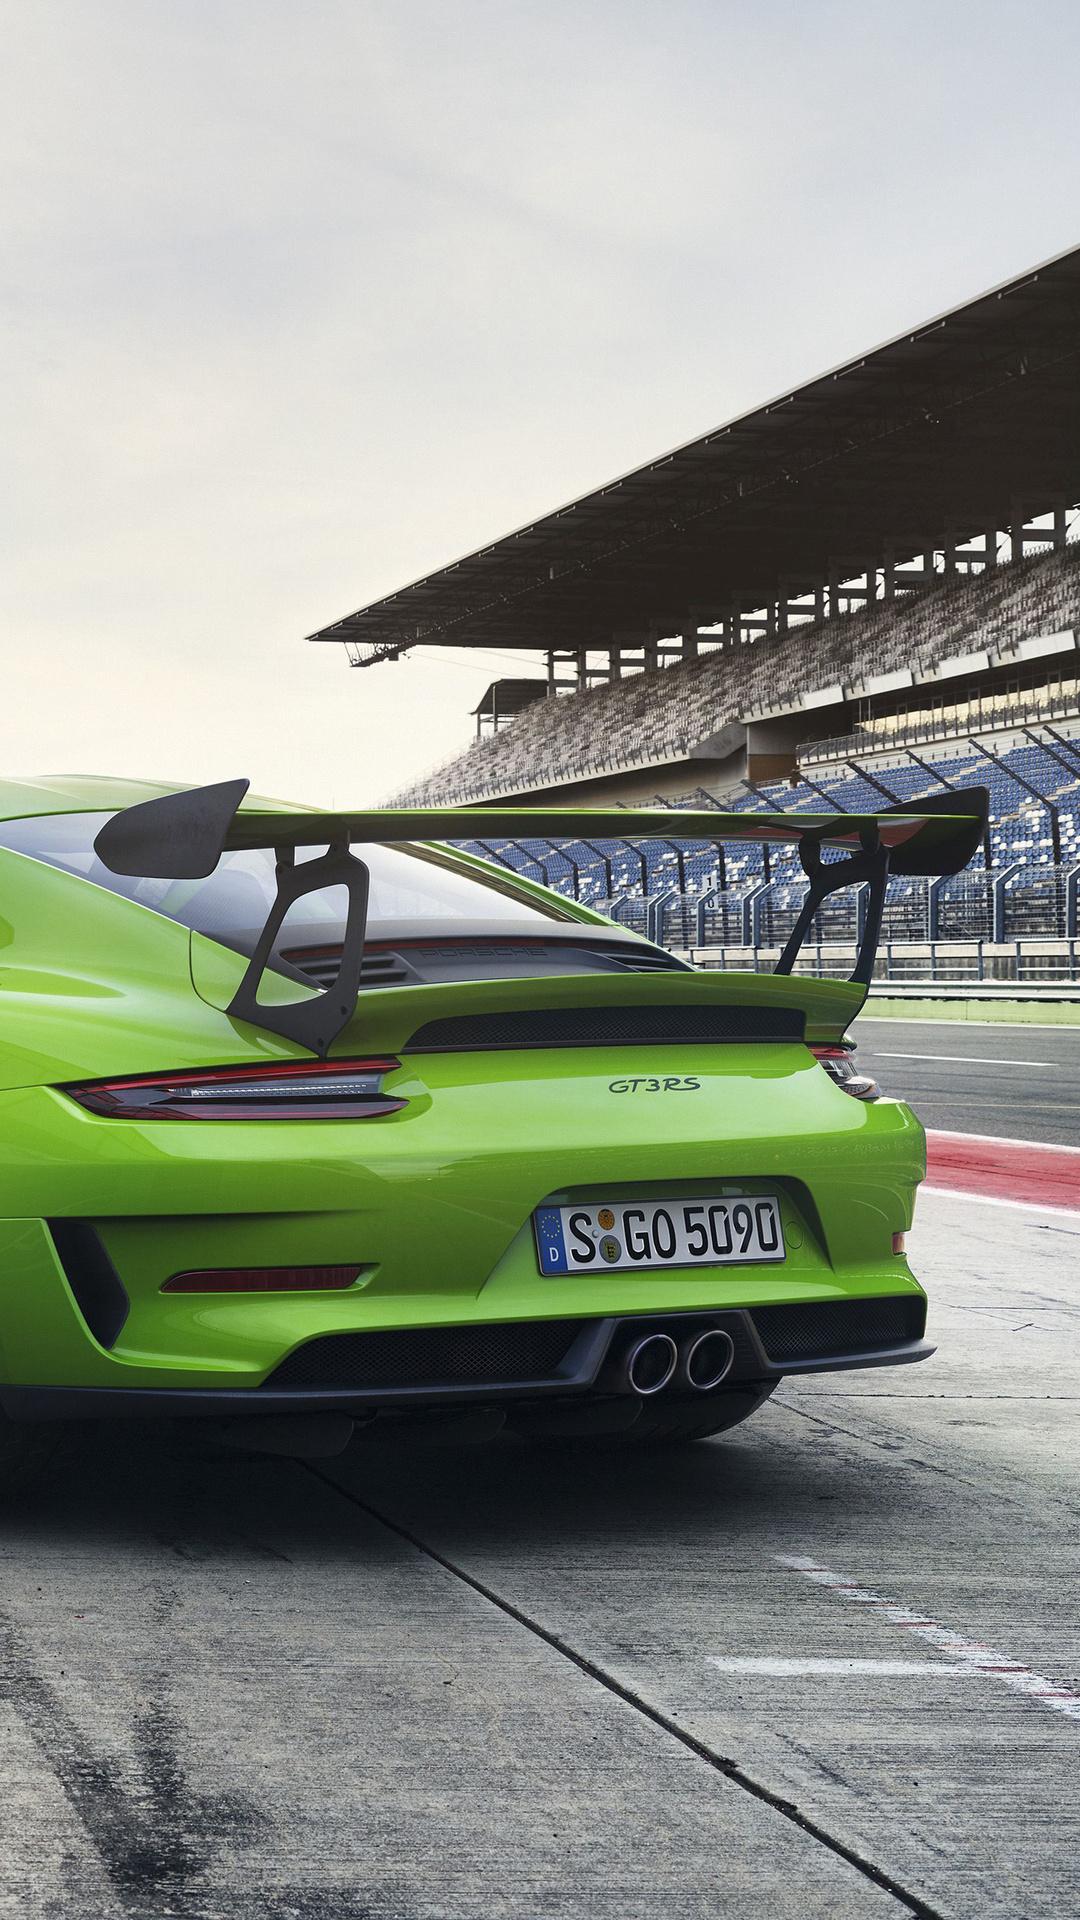 1080x1920 Porsche 911 Gt3 Rs 2018 Rear Iphone 7 6s 6 Plus